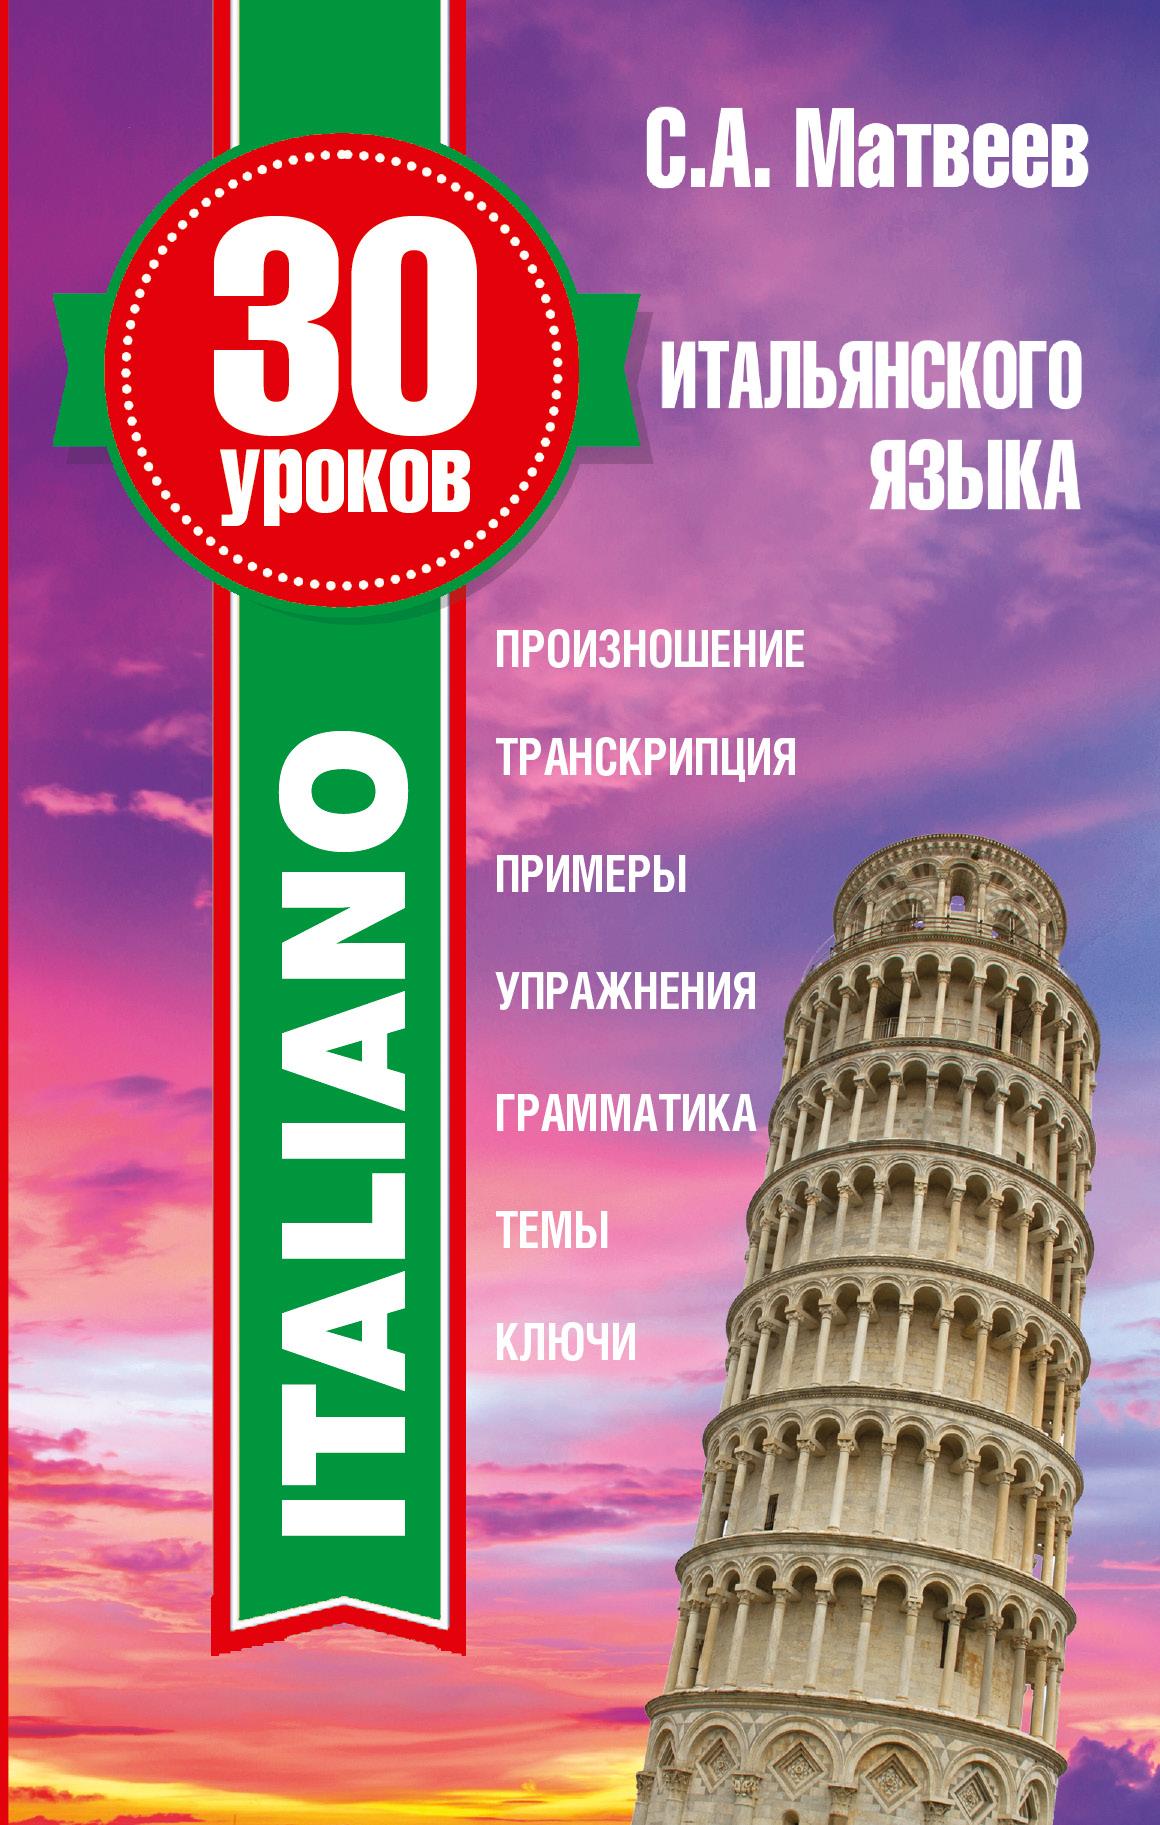 Купить 30 уроков итальянского языка, Сергей Матвеев, 978-5-17-098542-5